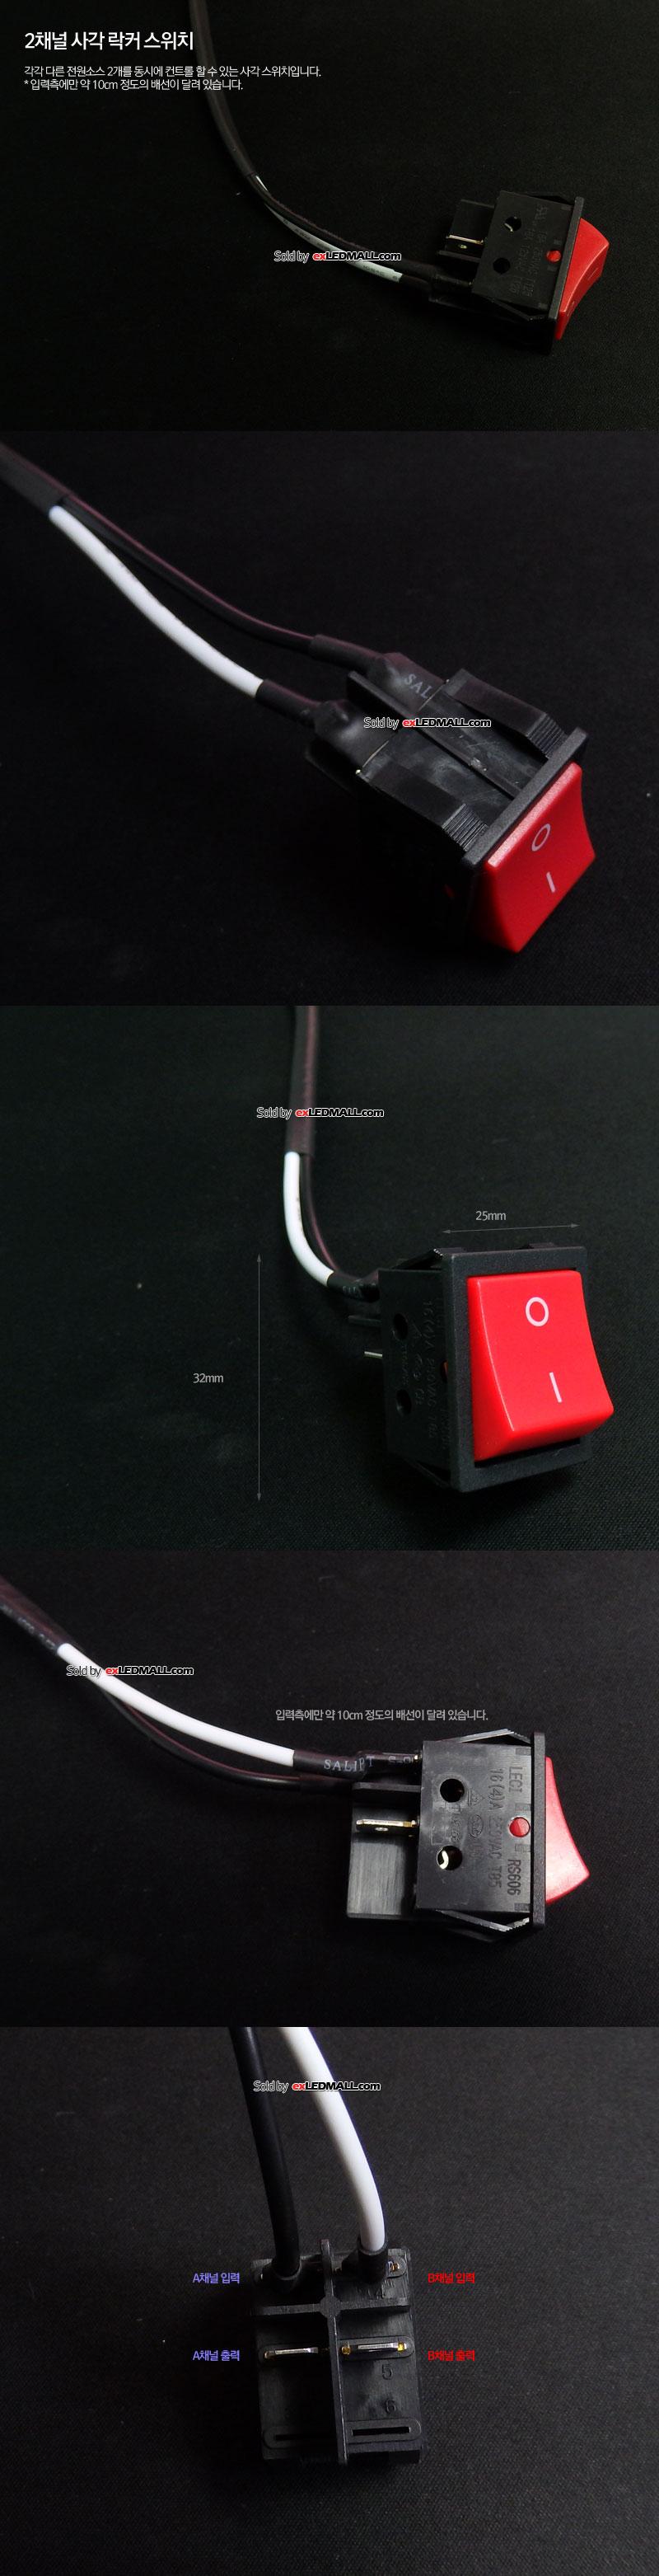 전원용 직사각 2채널 락커 시소 스위치 (25mm x 32mm)